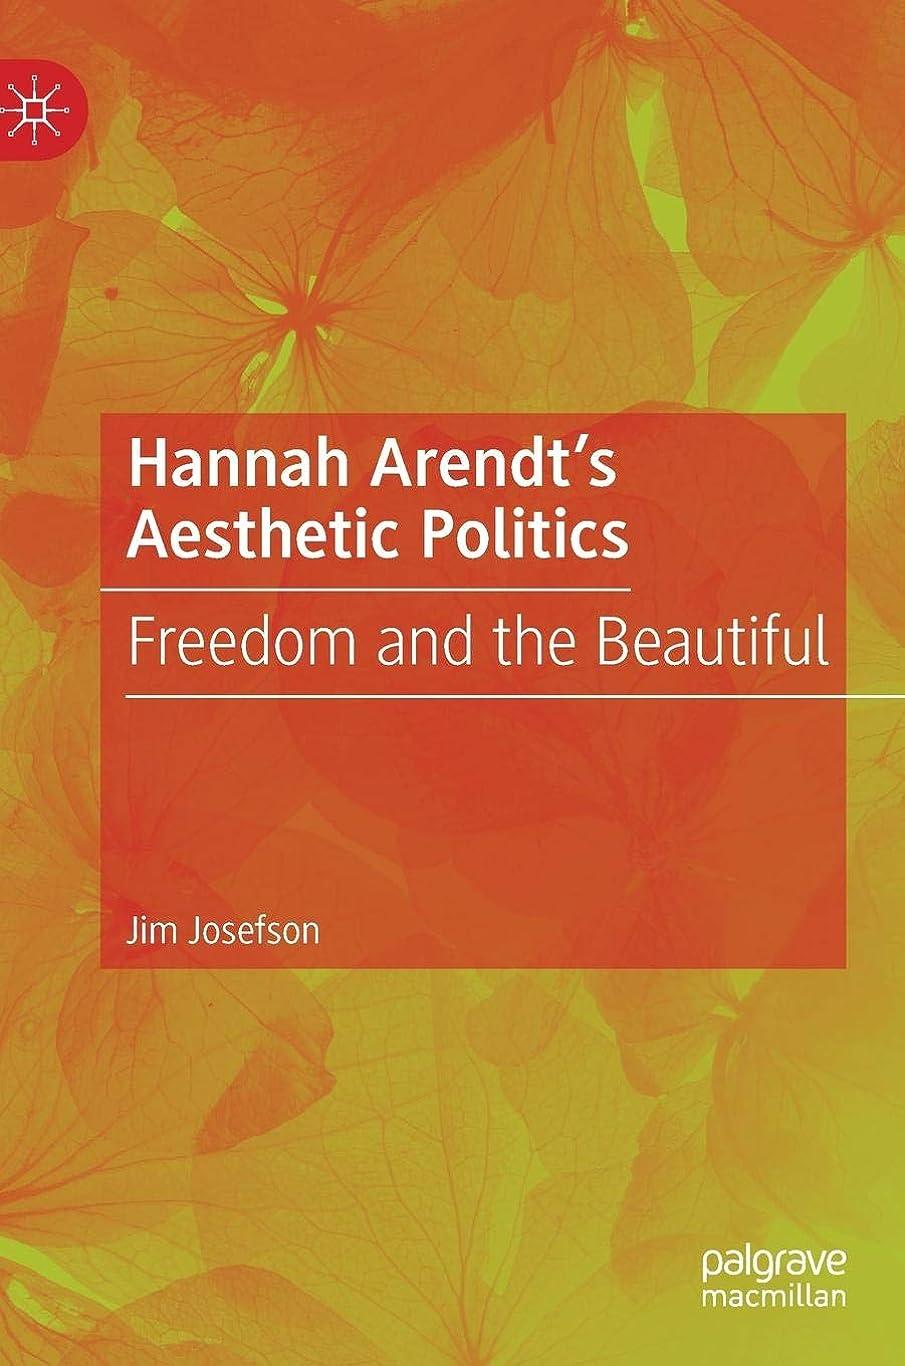 戦略相続人囲いAesthetics Equals Politics: New Discourses across Art, Architecture, and Philosophy (The MIT Press)